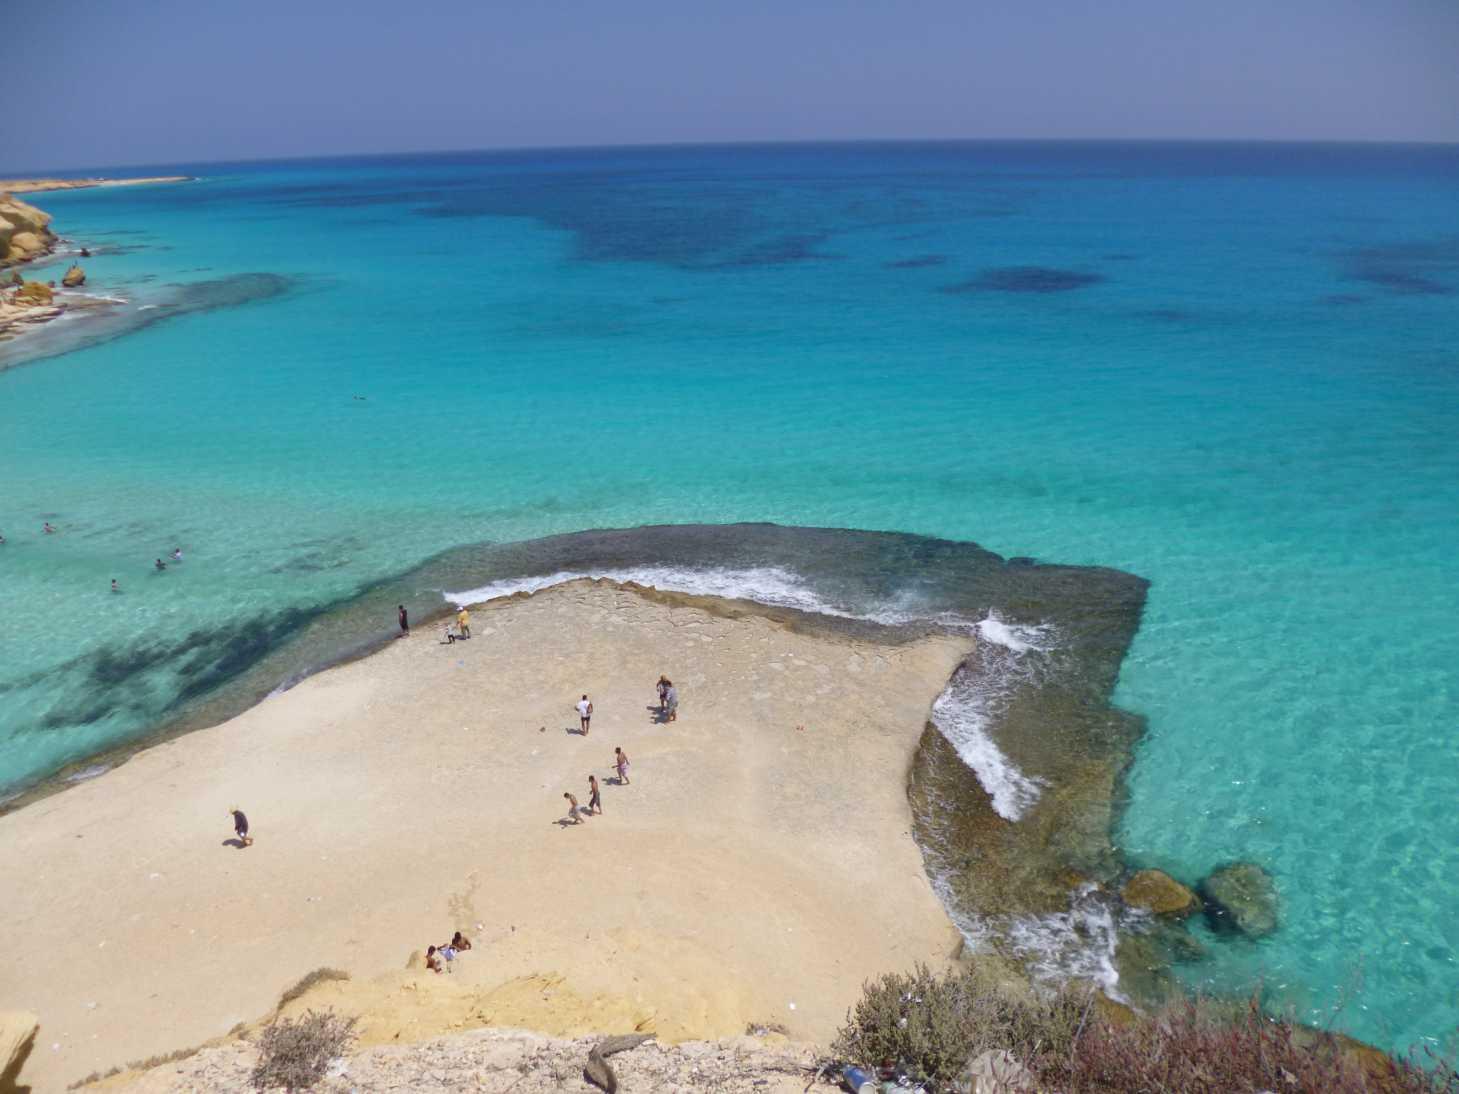 Marsa Matroh es uno de los lugares con el agua cristalina más famosos del mundo